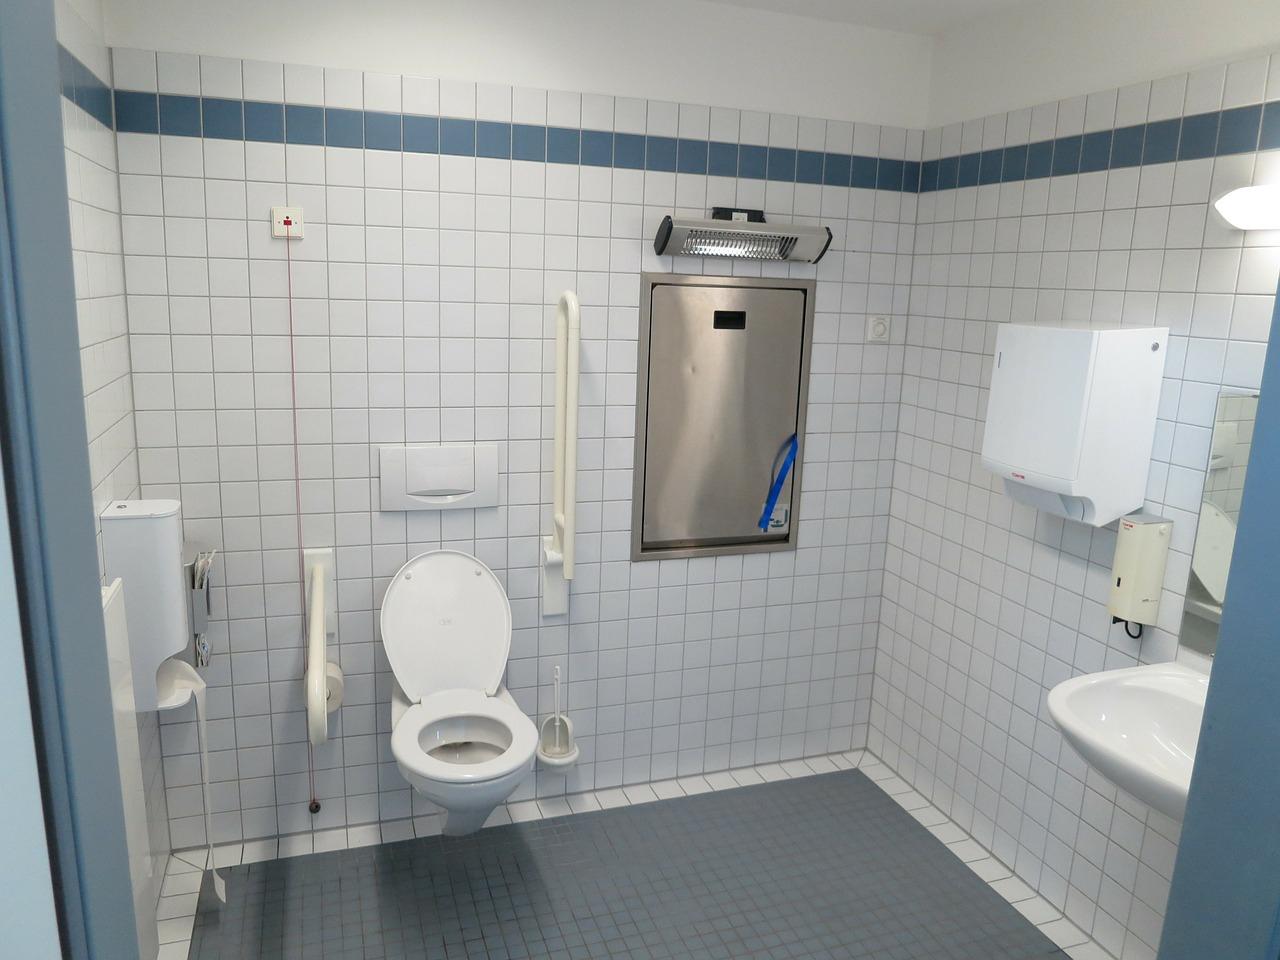 Dimensions Toilette : Taille Wc Classique Et Pmr | Le avec Toilette Pmr